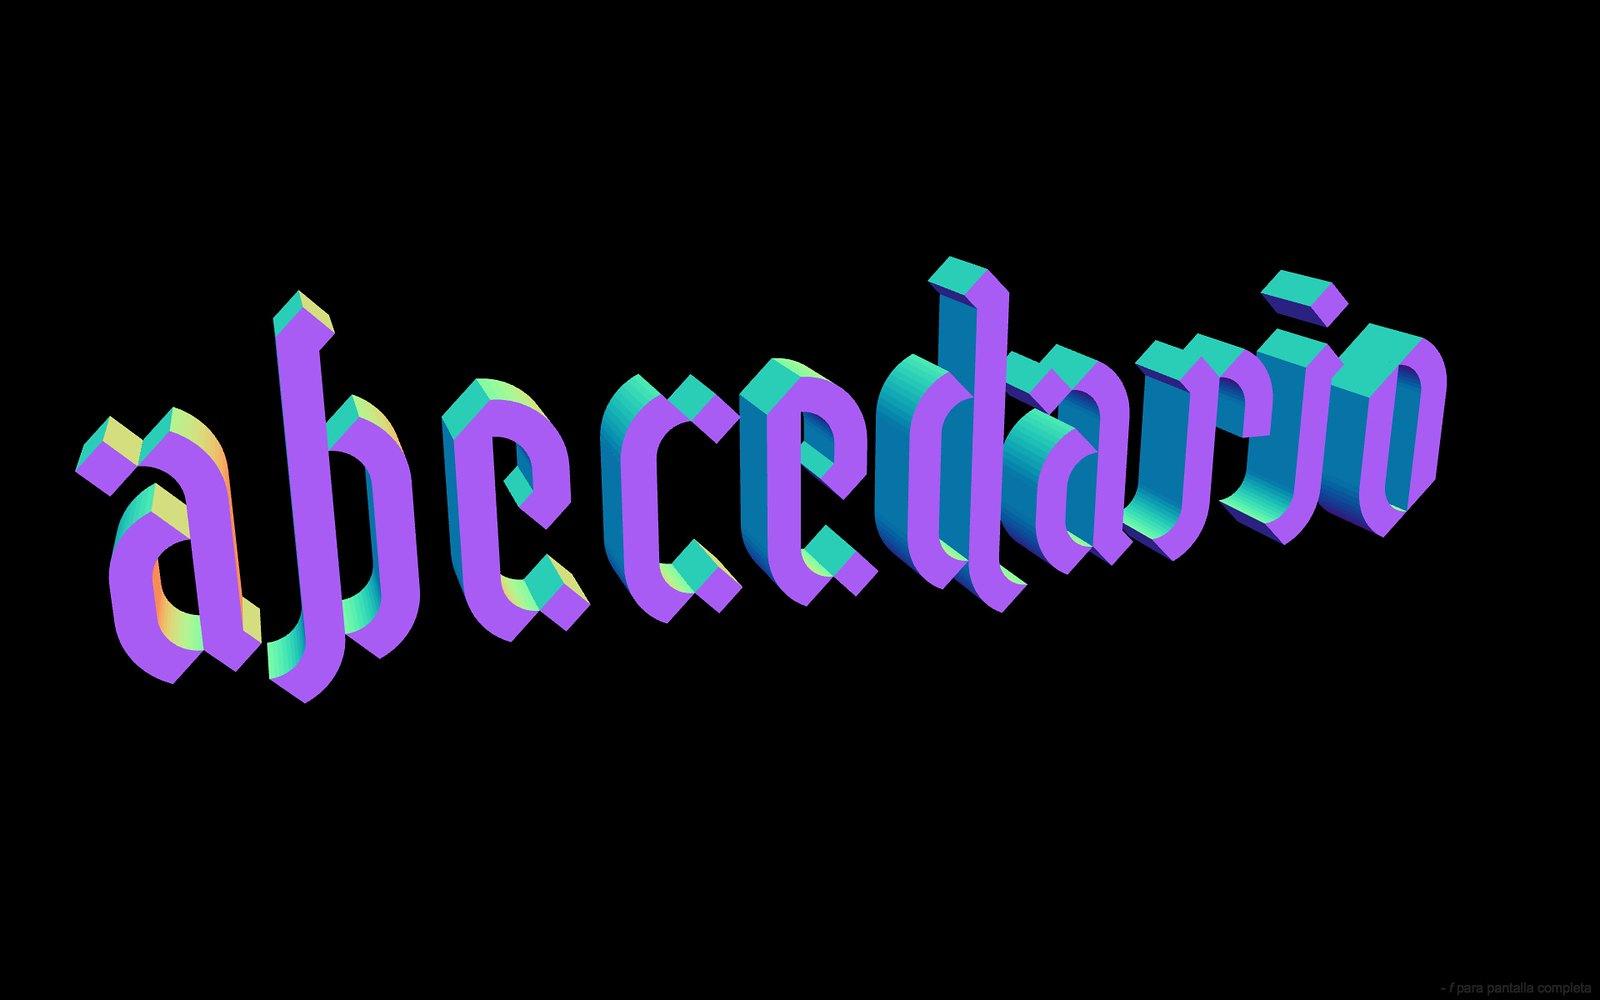 Gramapoética abecedario color